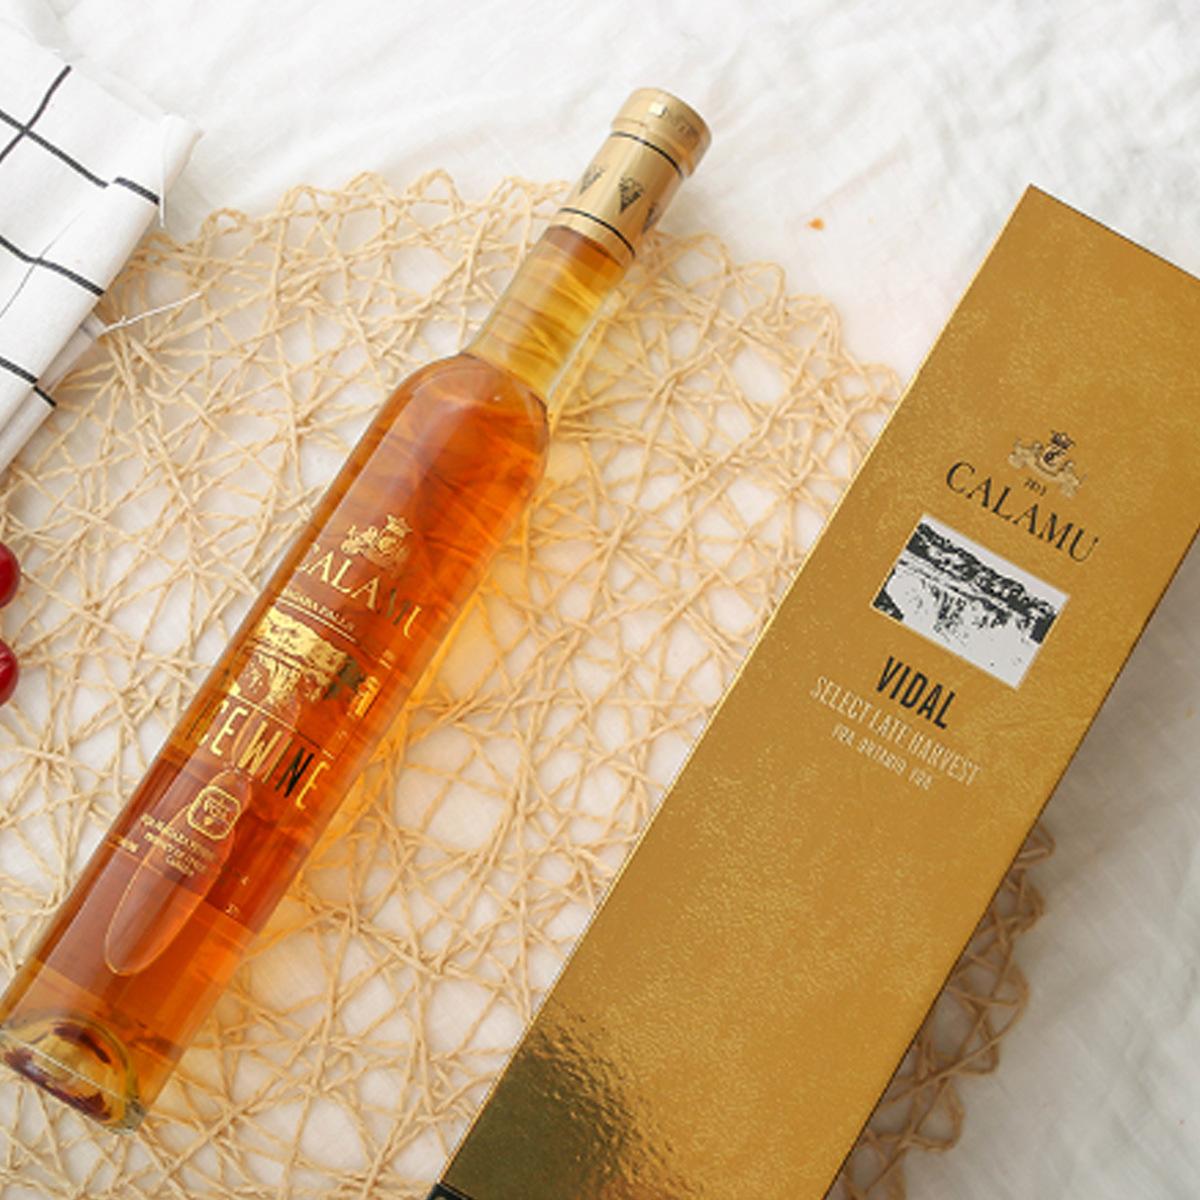 加拿大原瓶进口 克莱姆卡蒂尼冰白葡萄酒 2016年 VQA级 12.5%vol扫码价:1998元/瓶(2瓶起售)